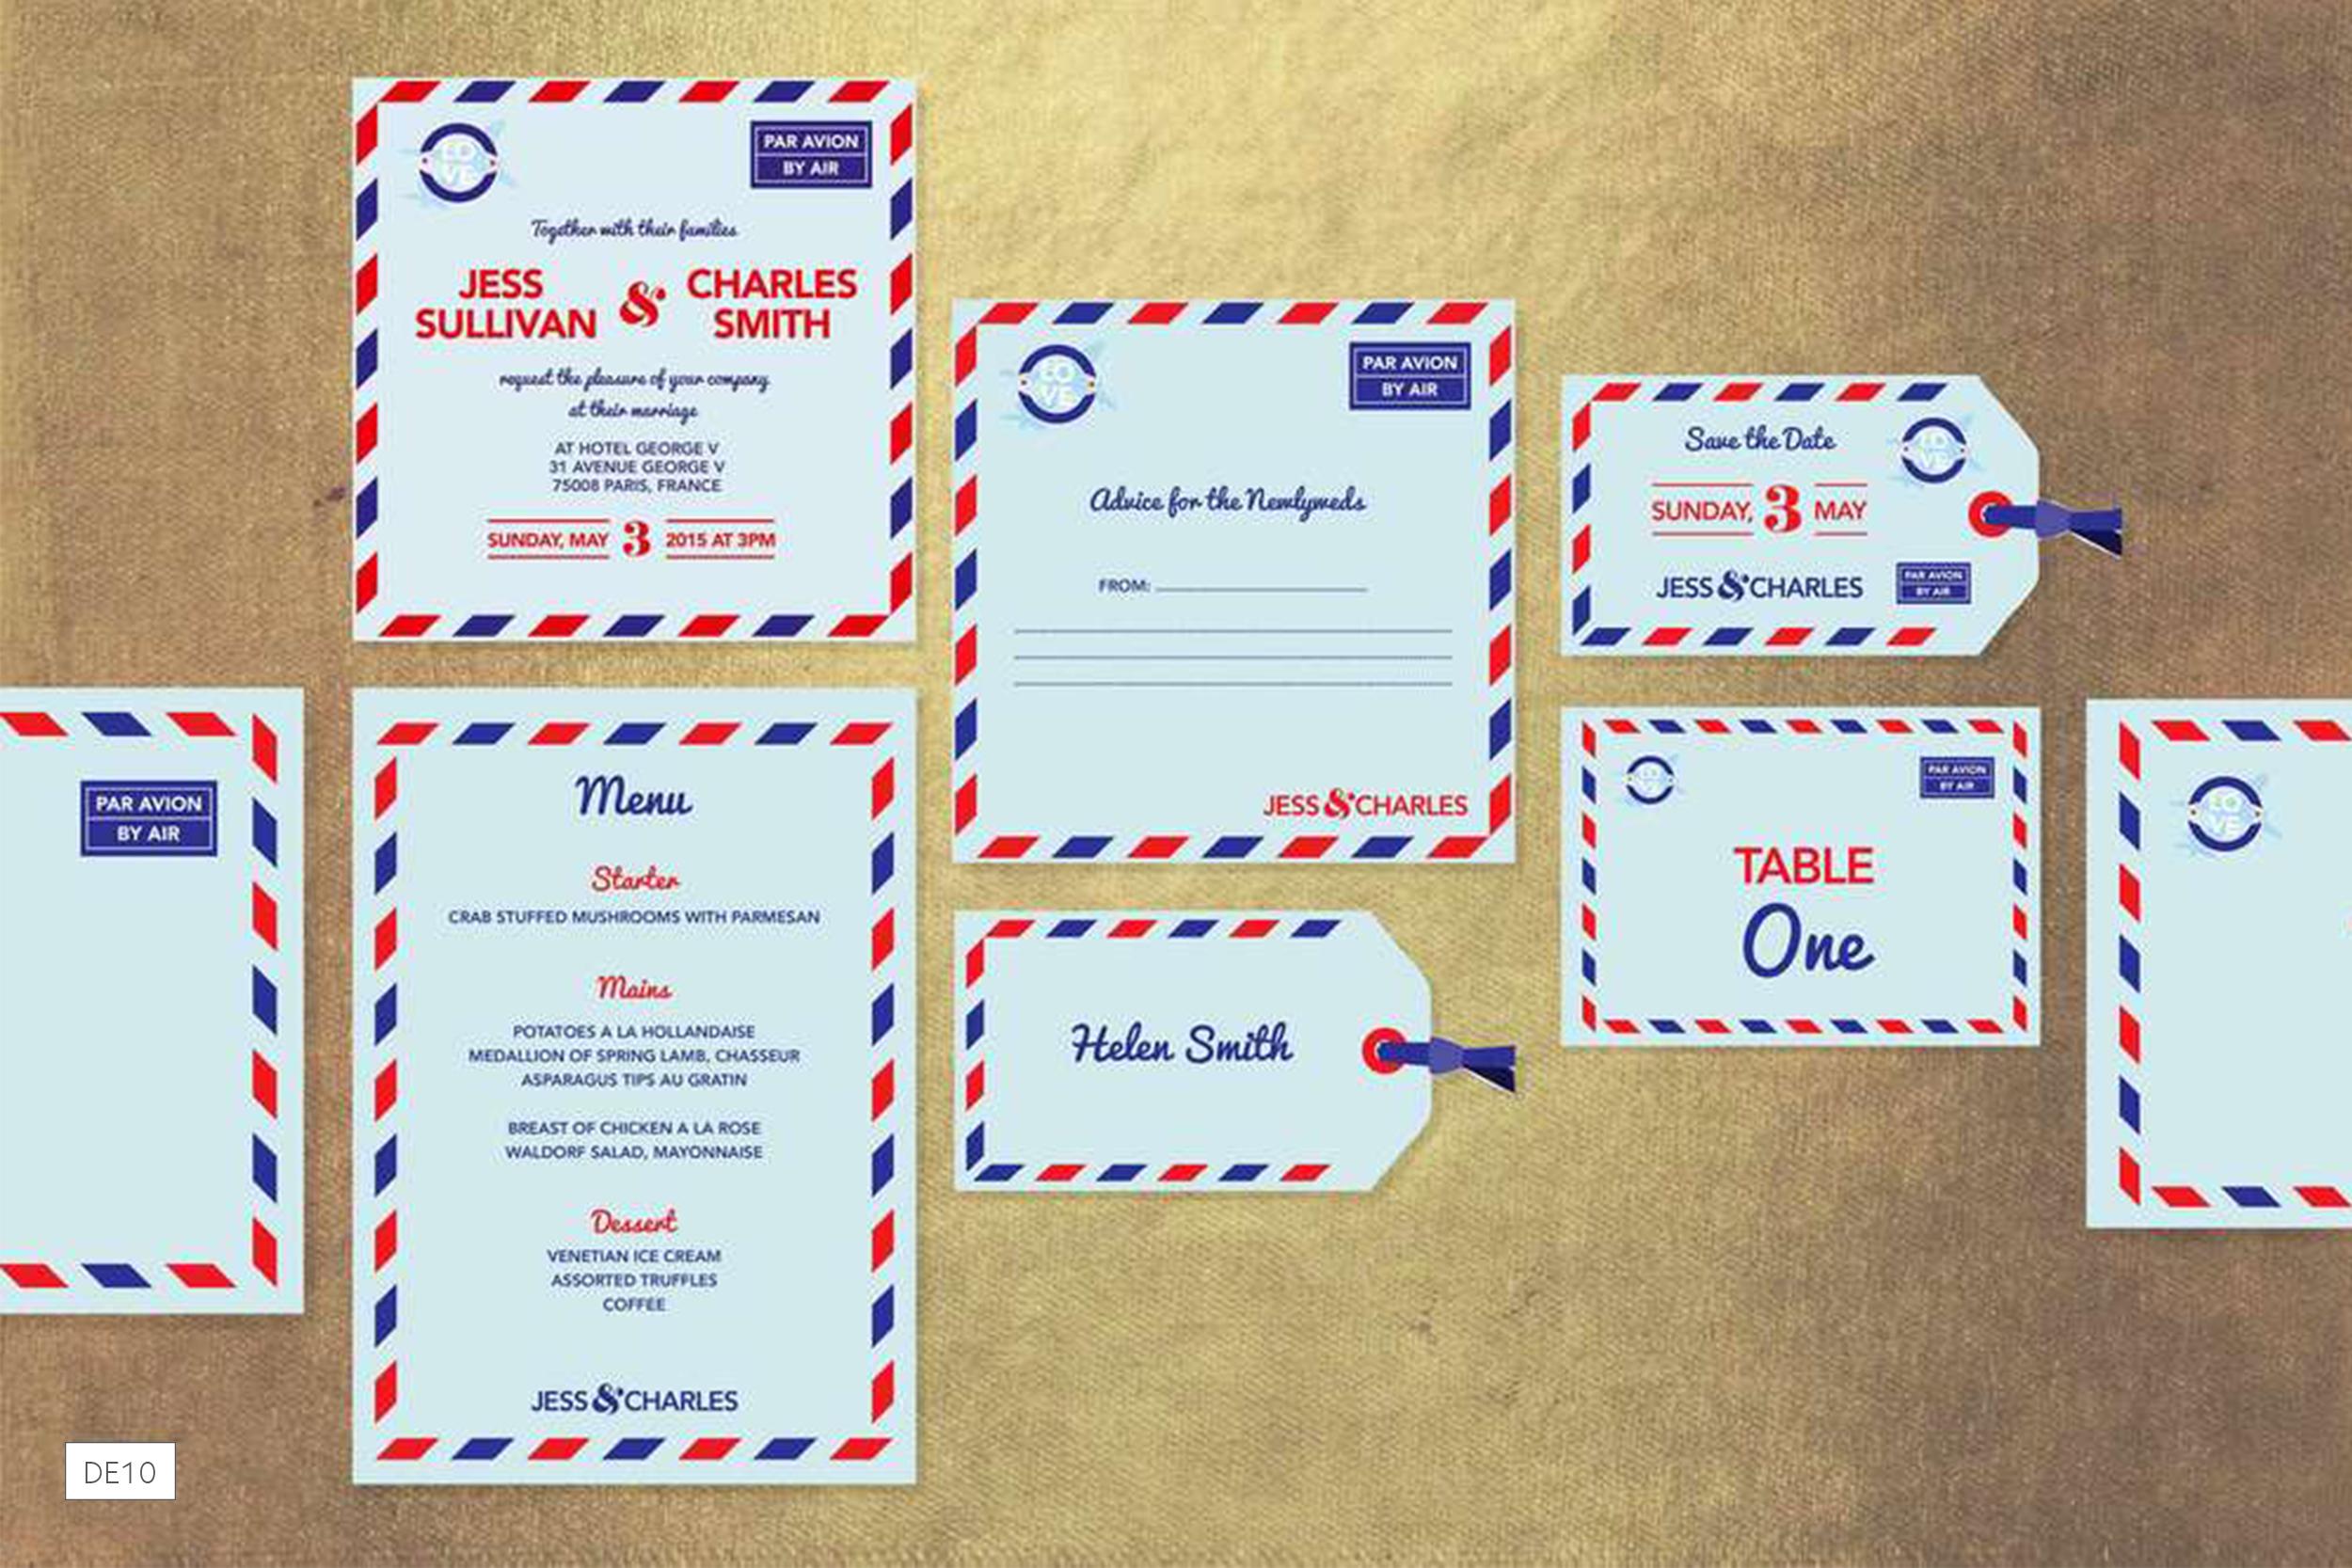 DE10-Destination-Weddings_ananyacards.com.jpg